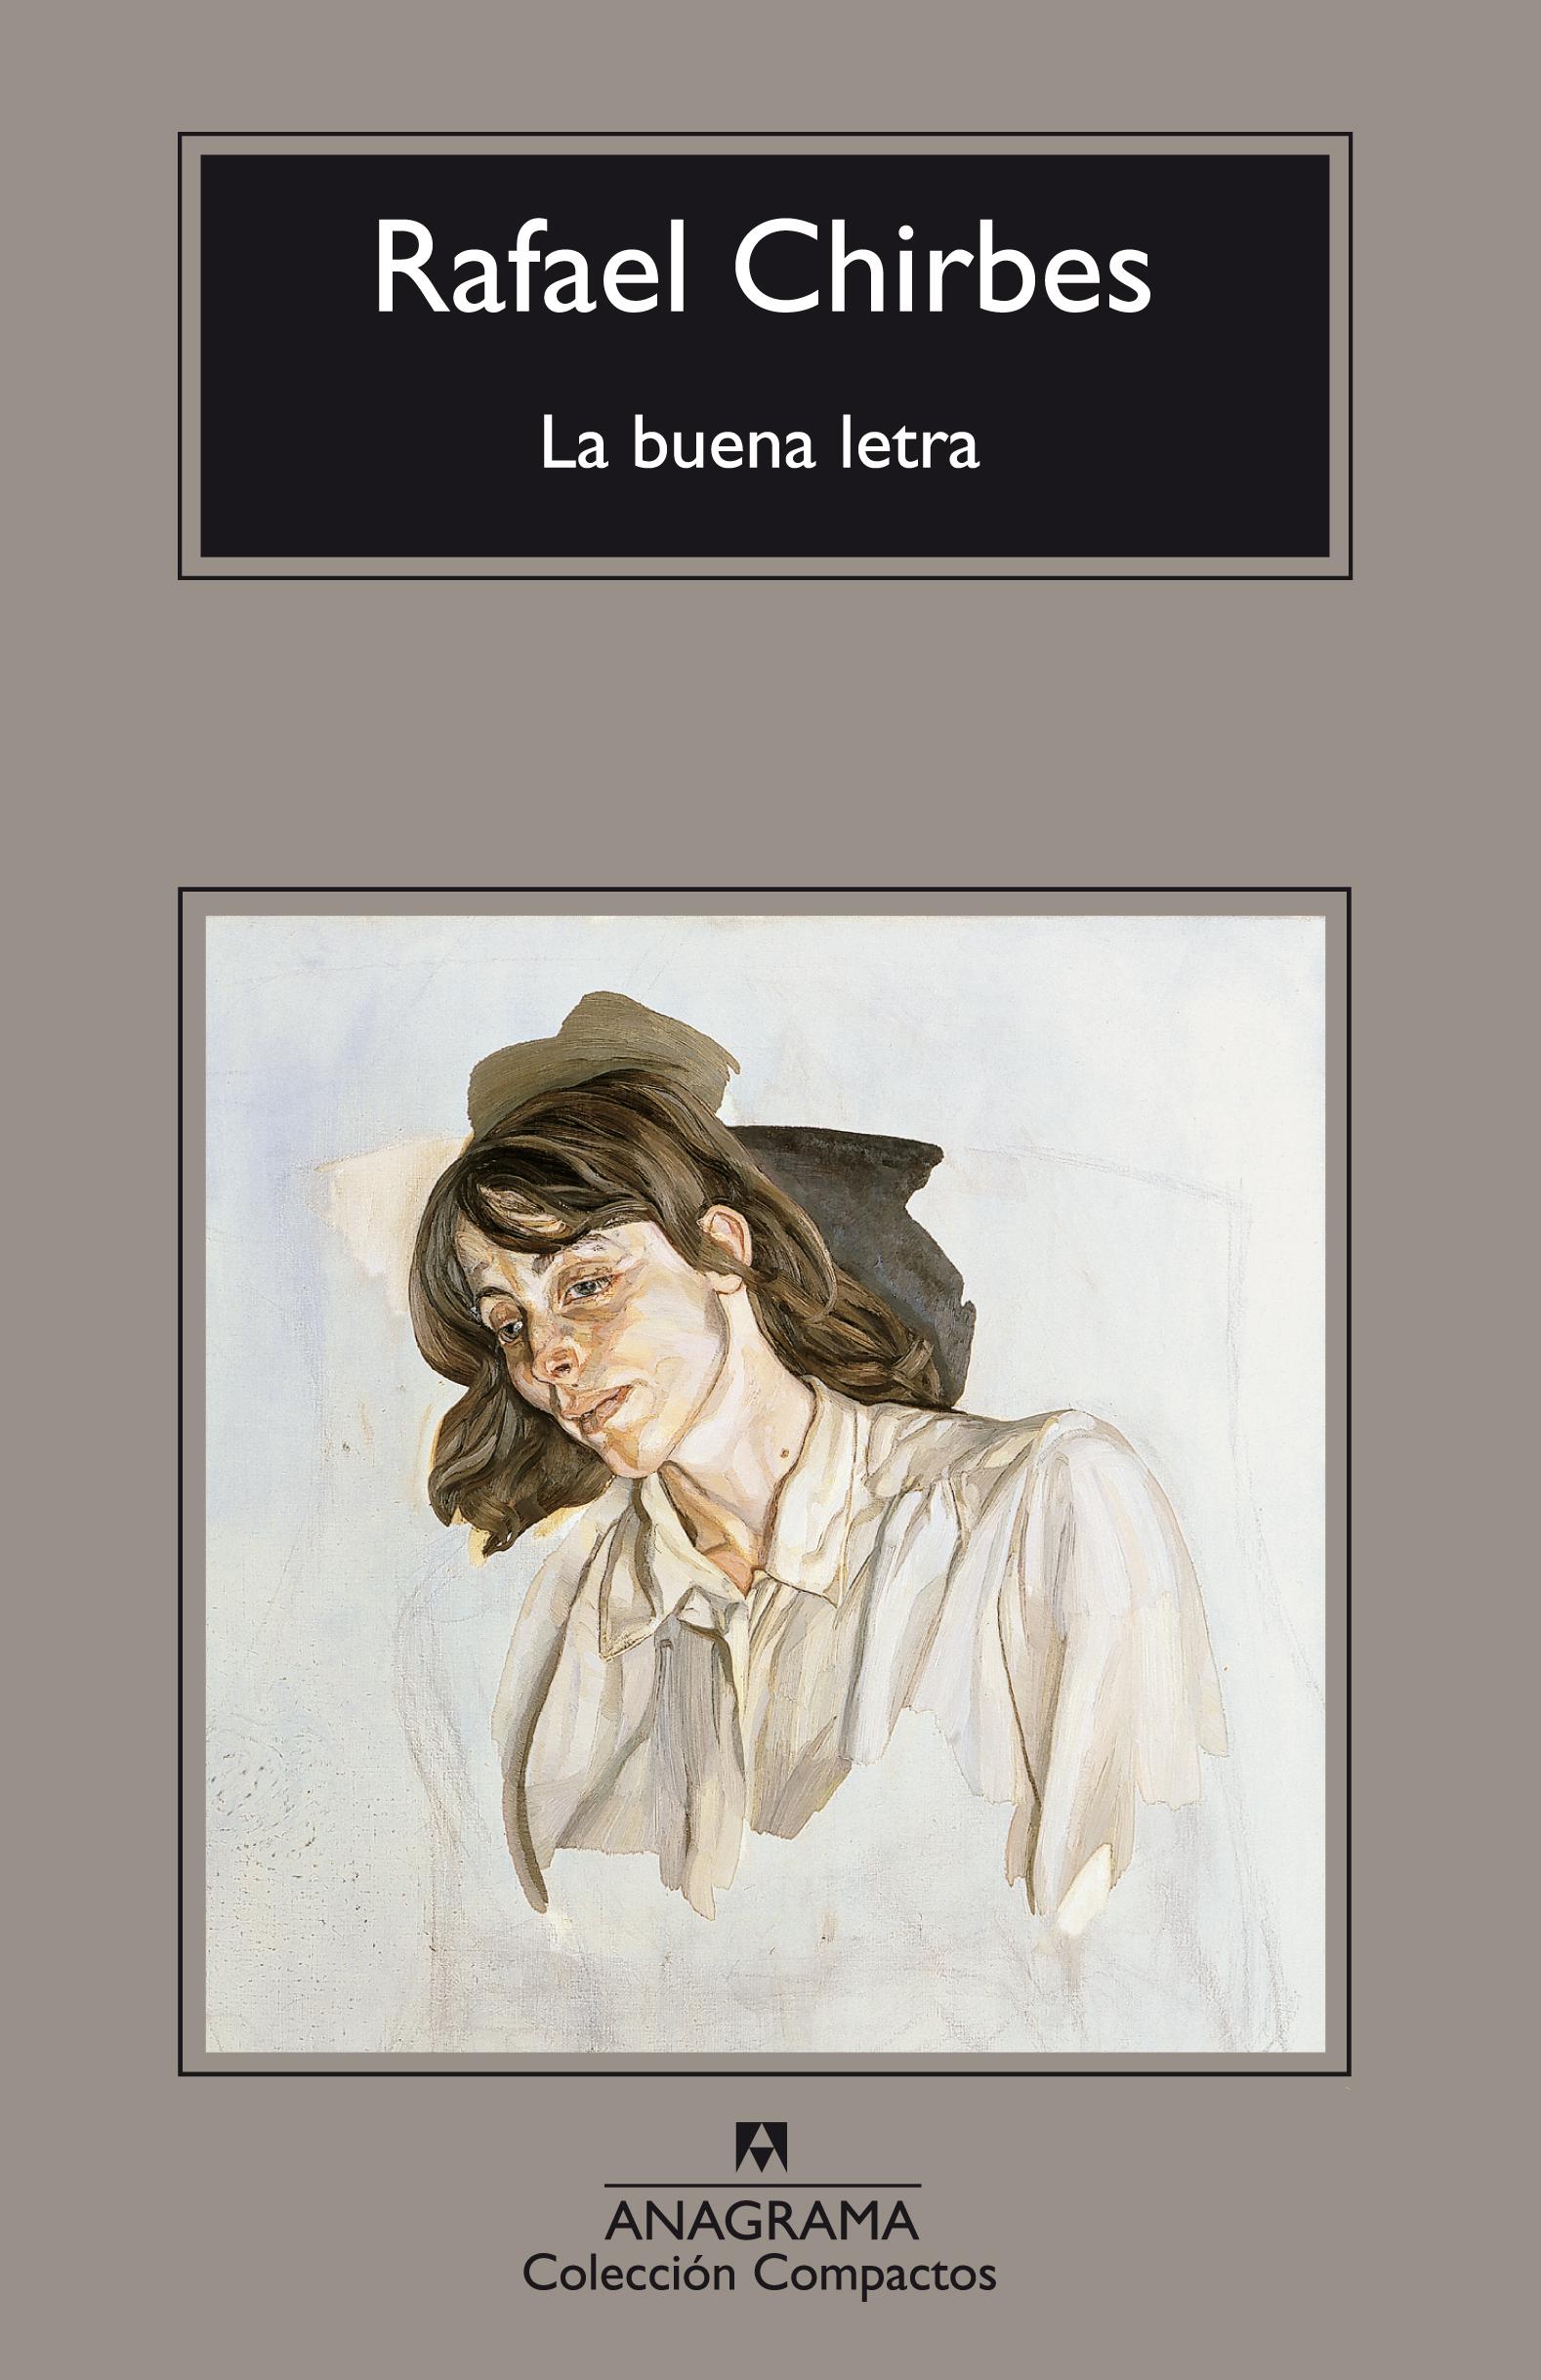 La buena letra - Chirbes, Rafael - 978-84-339-7302-3 - Editorial ...